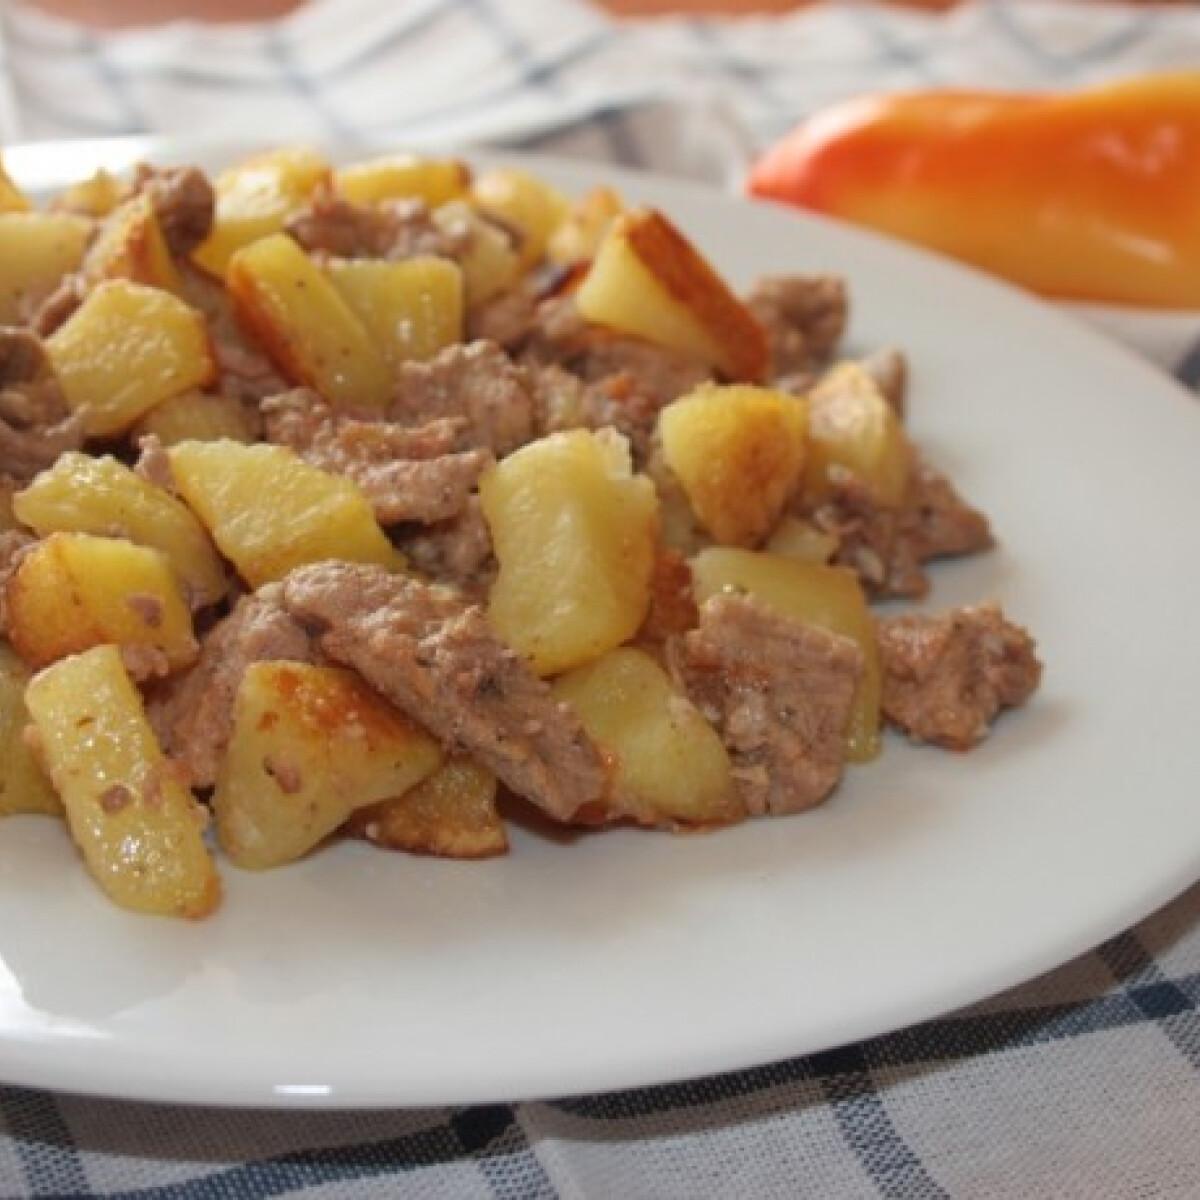 Ezen a képen: Brassói aprópecsenye sütőben sült burgonyával